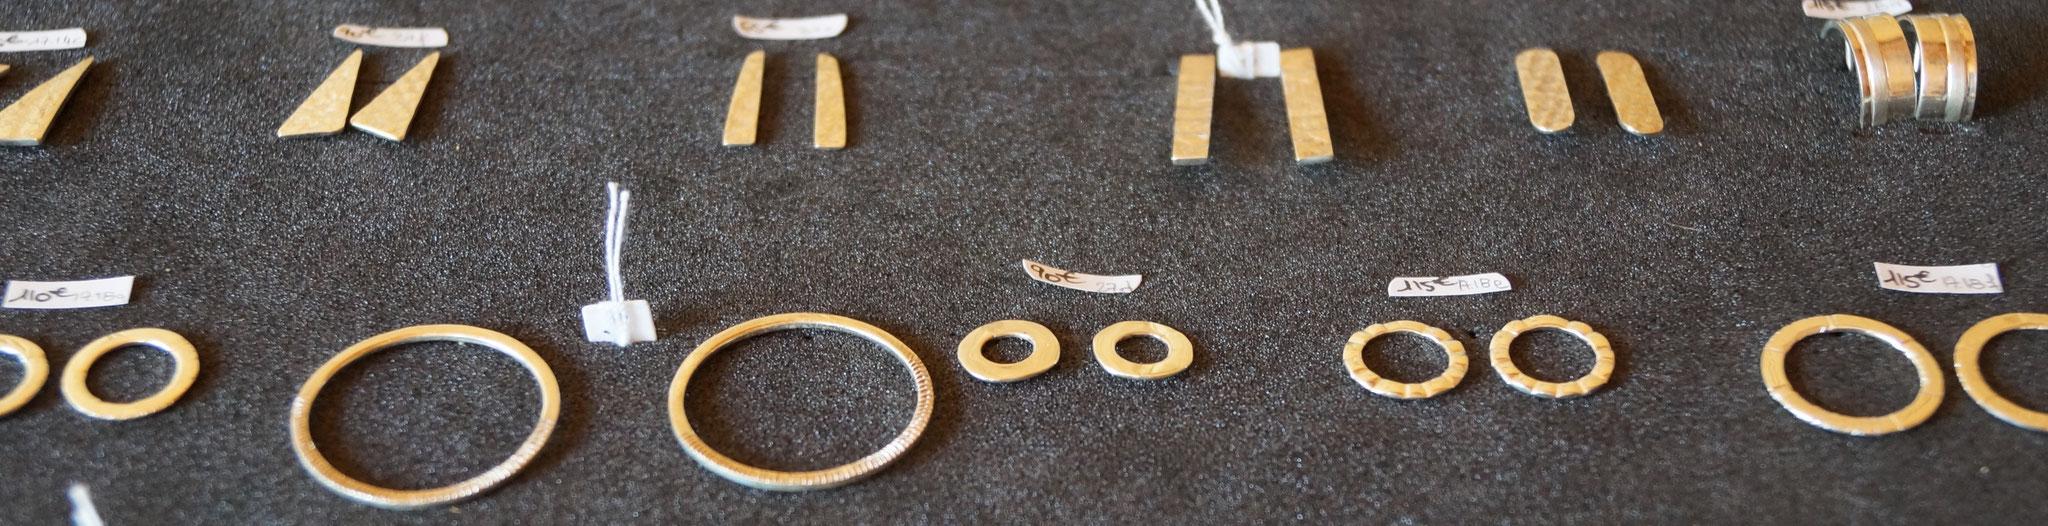 présentoirs de boucles d'oreilles en argent.